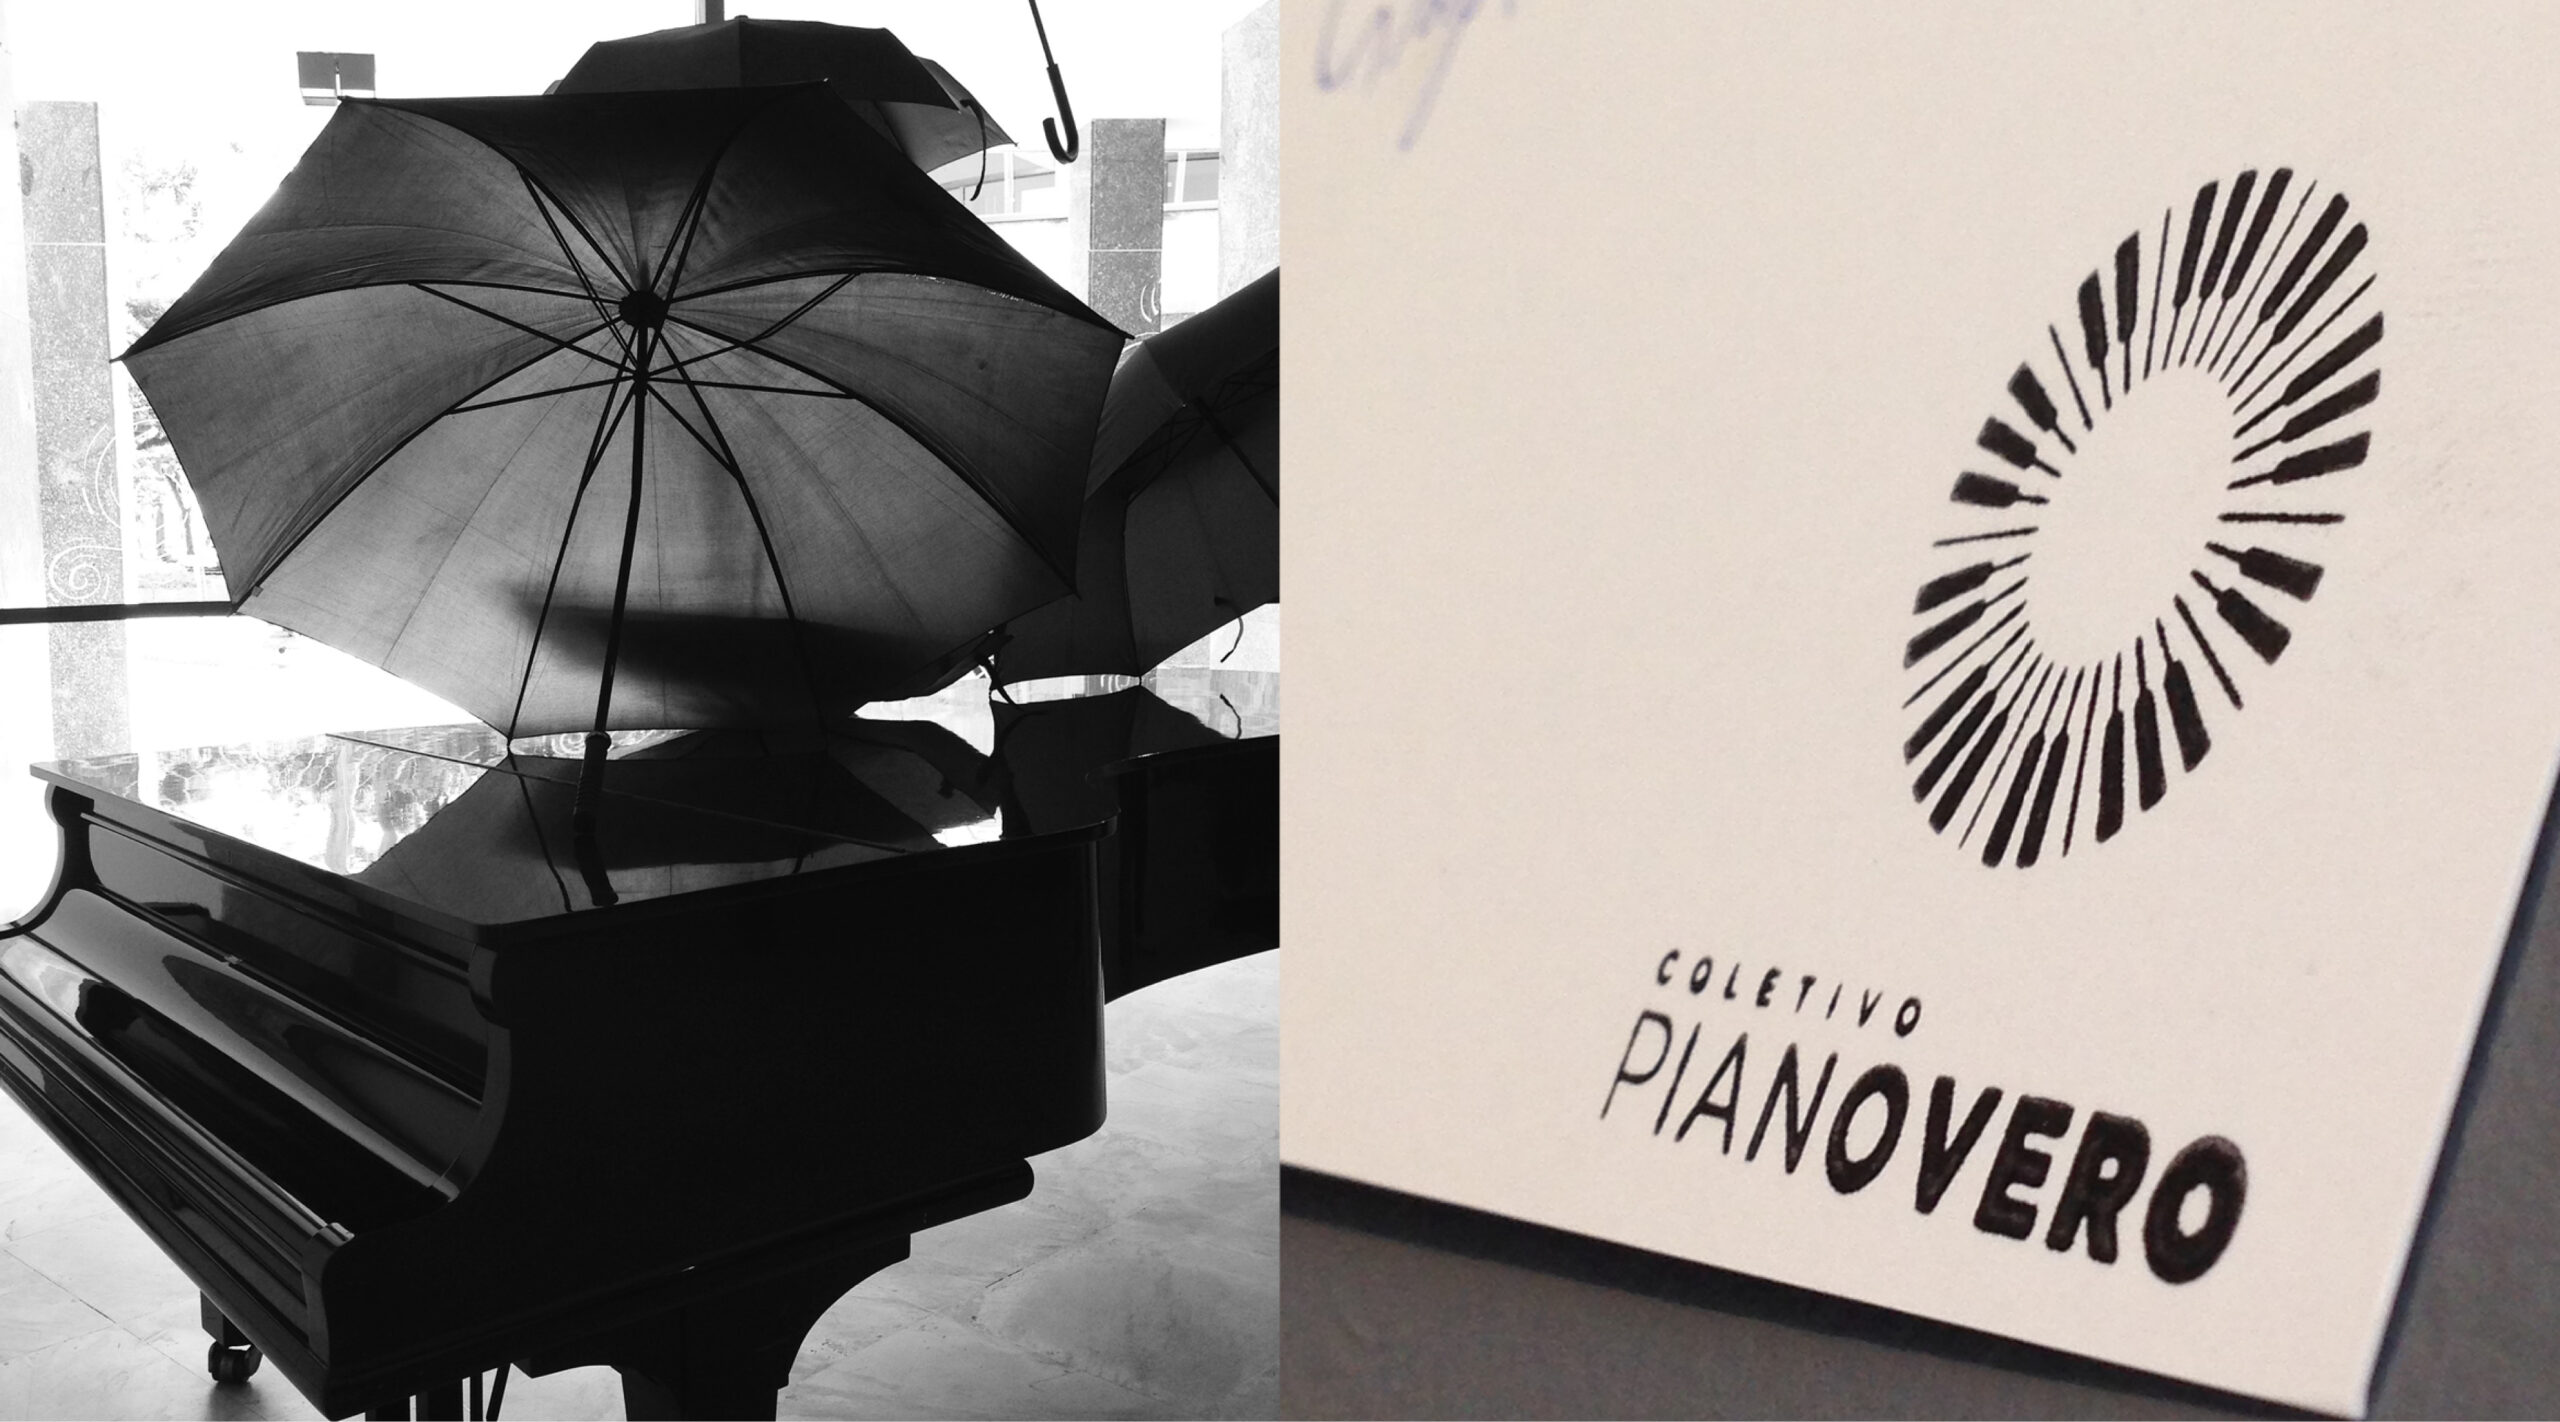 PianoVero_siteLumen7